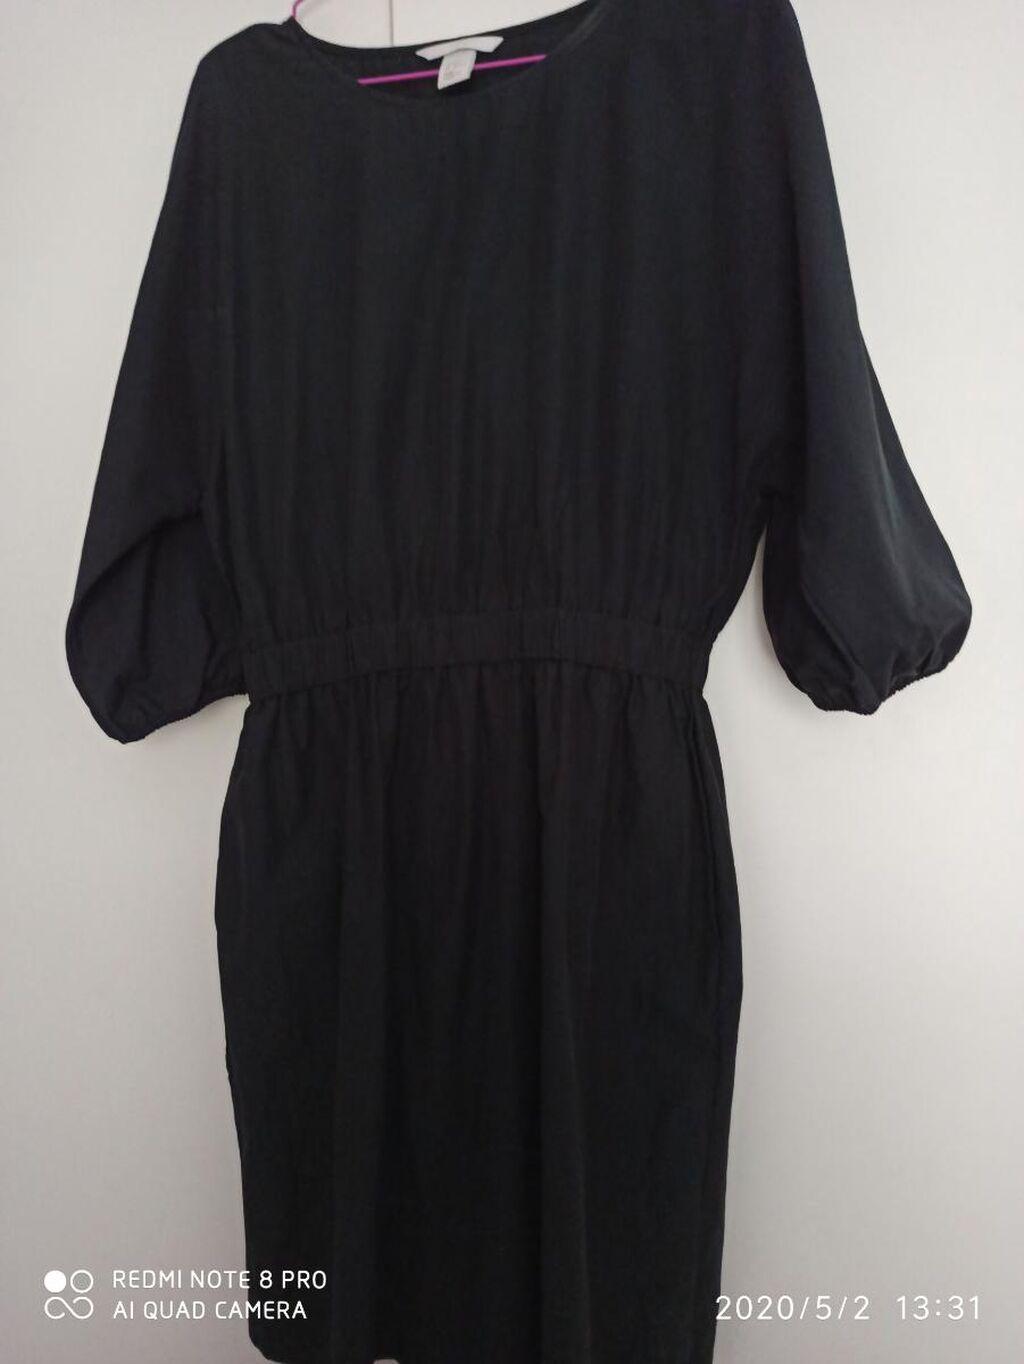 Υπεροχο μαυρο φορεμα με τσεπες! Φορεστε το και με sneakers και με τακουνια!